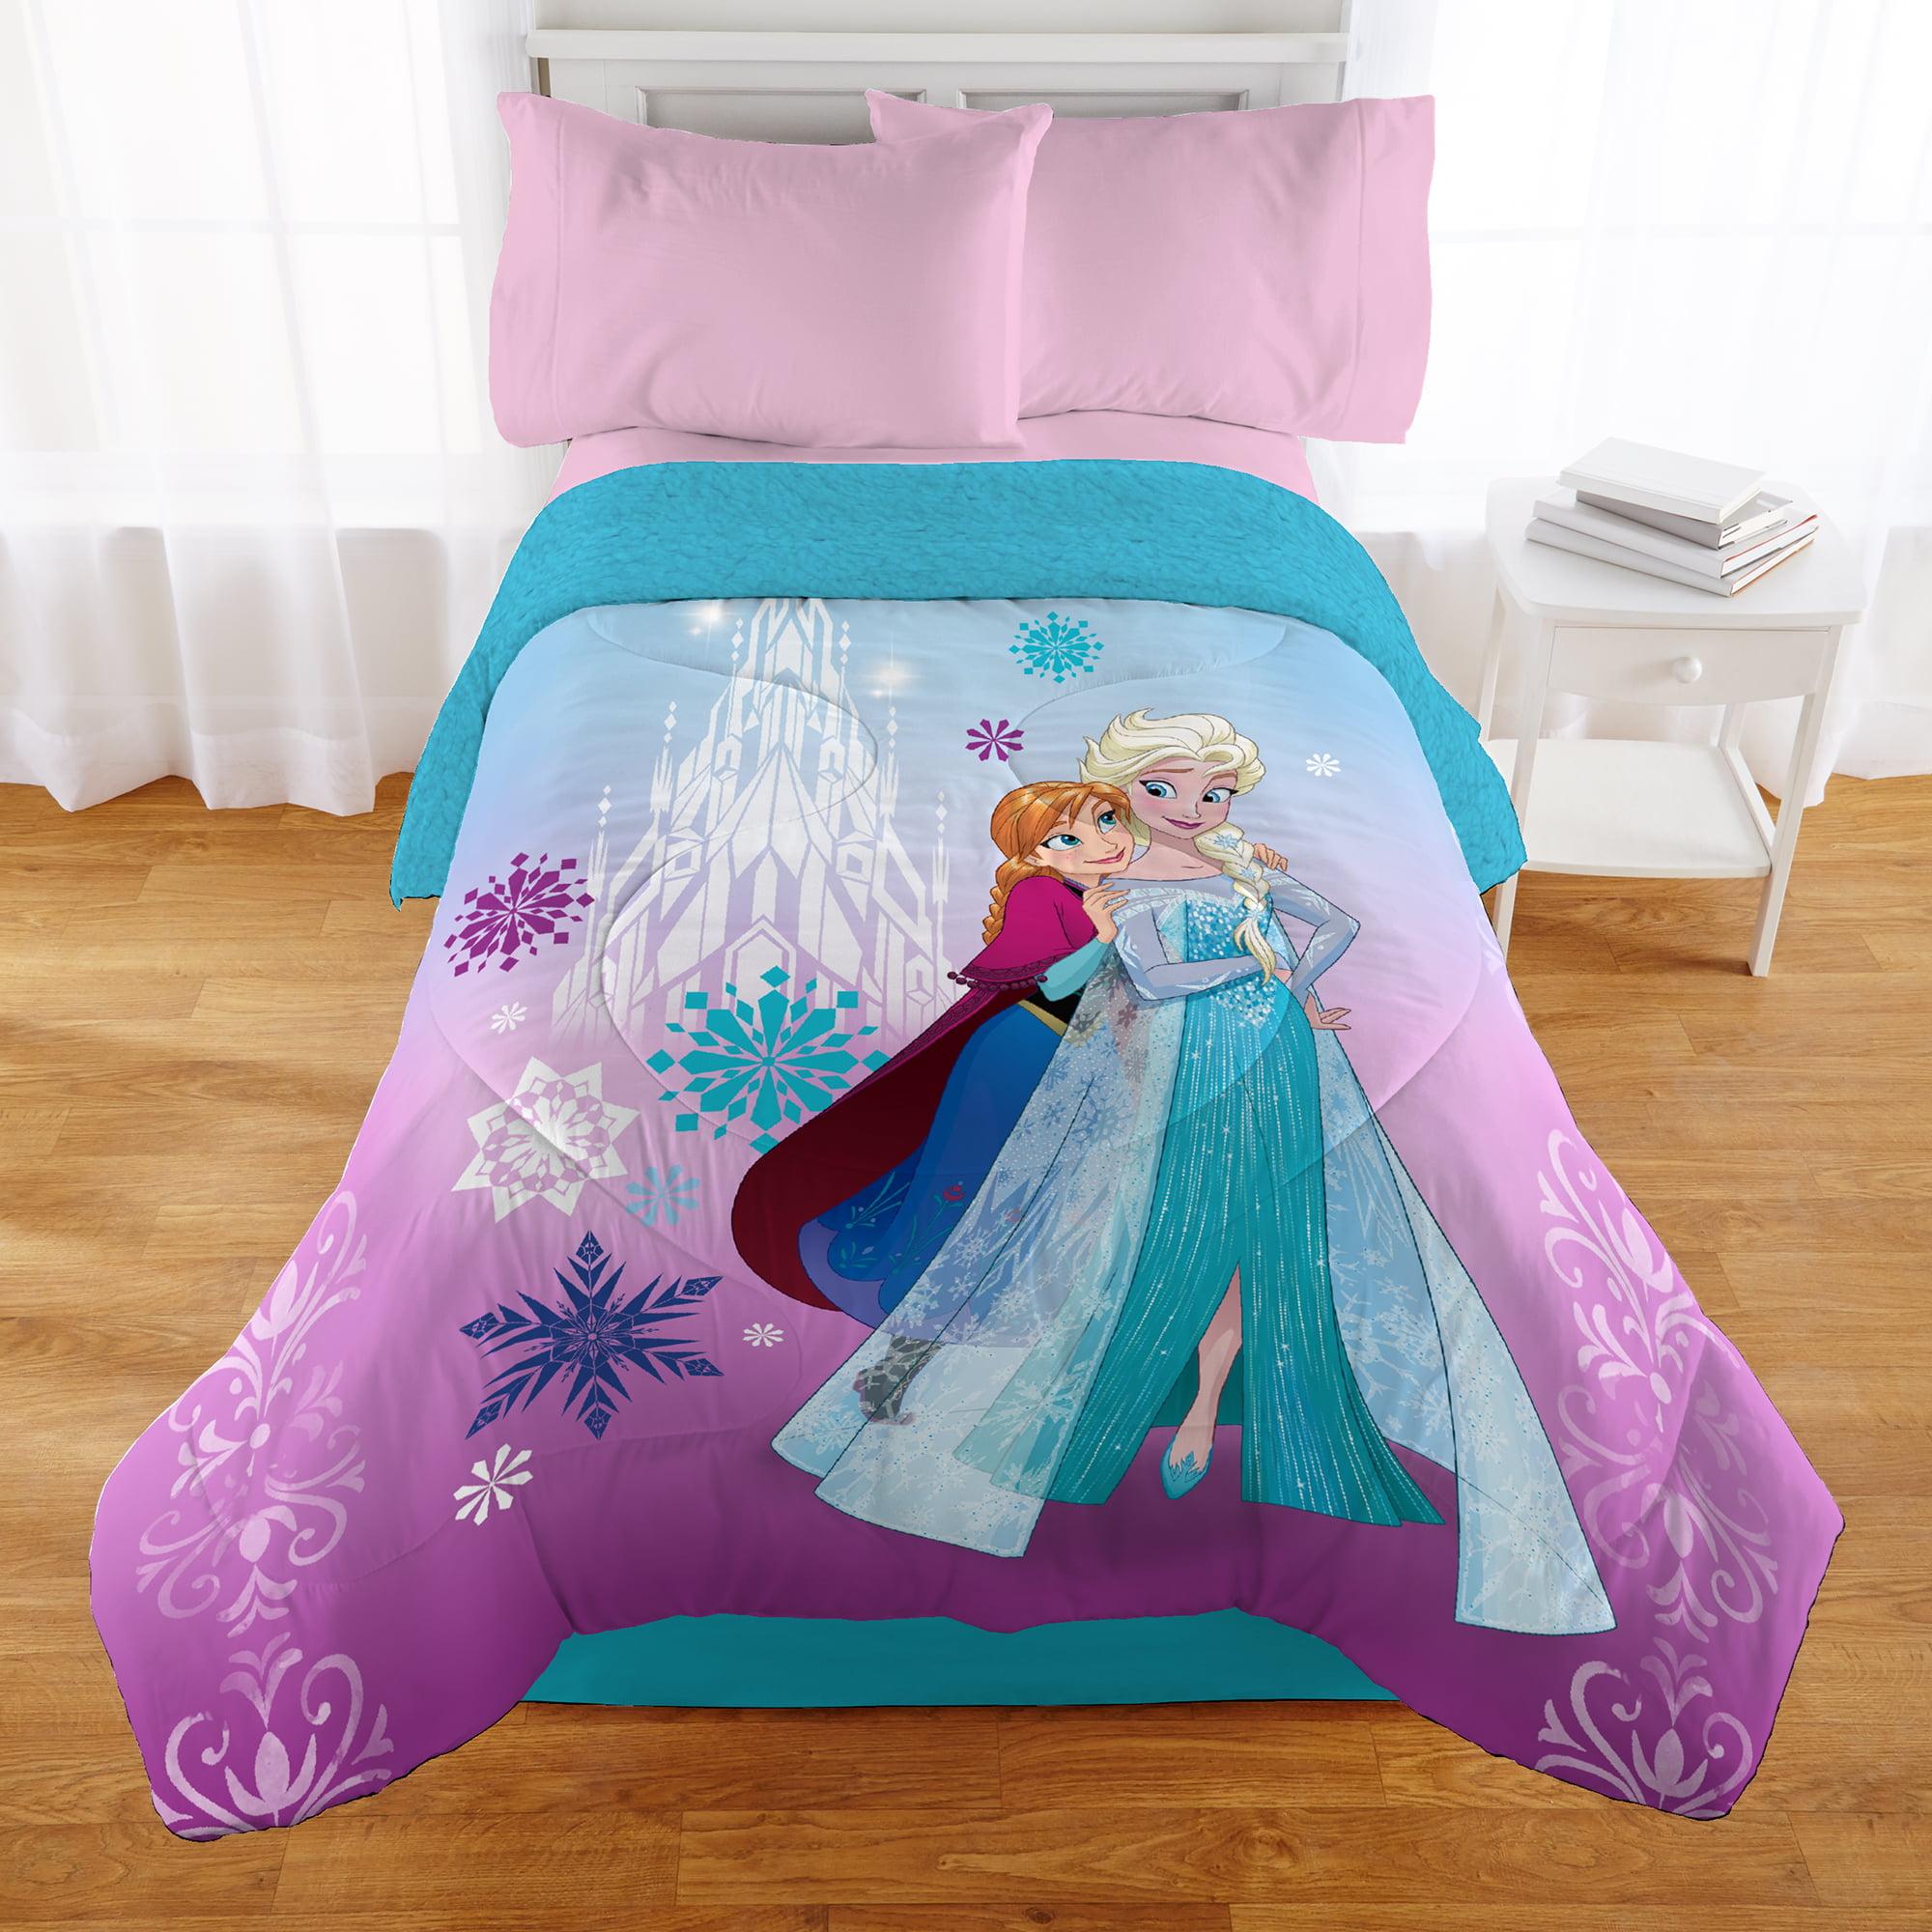 Disney Princess Offer - Walmart.com